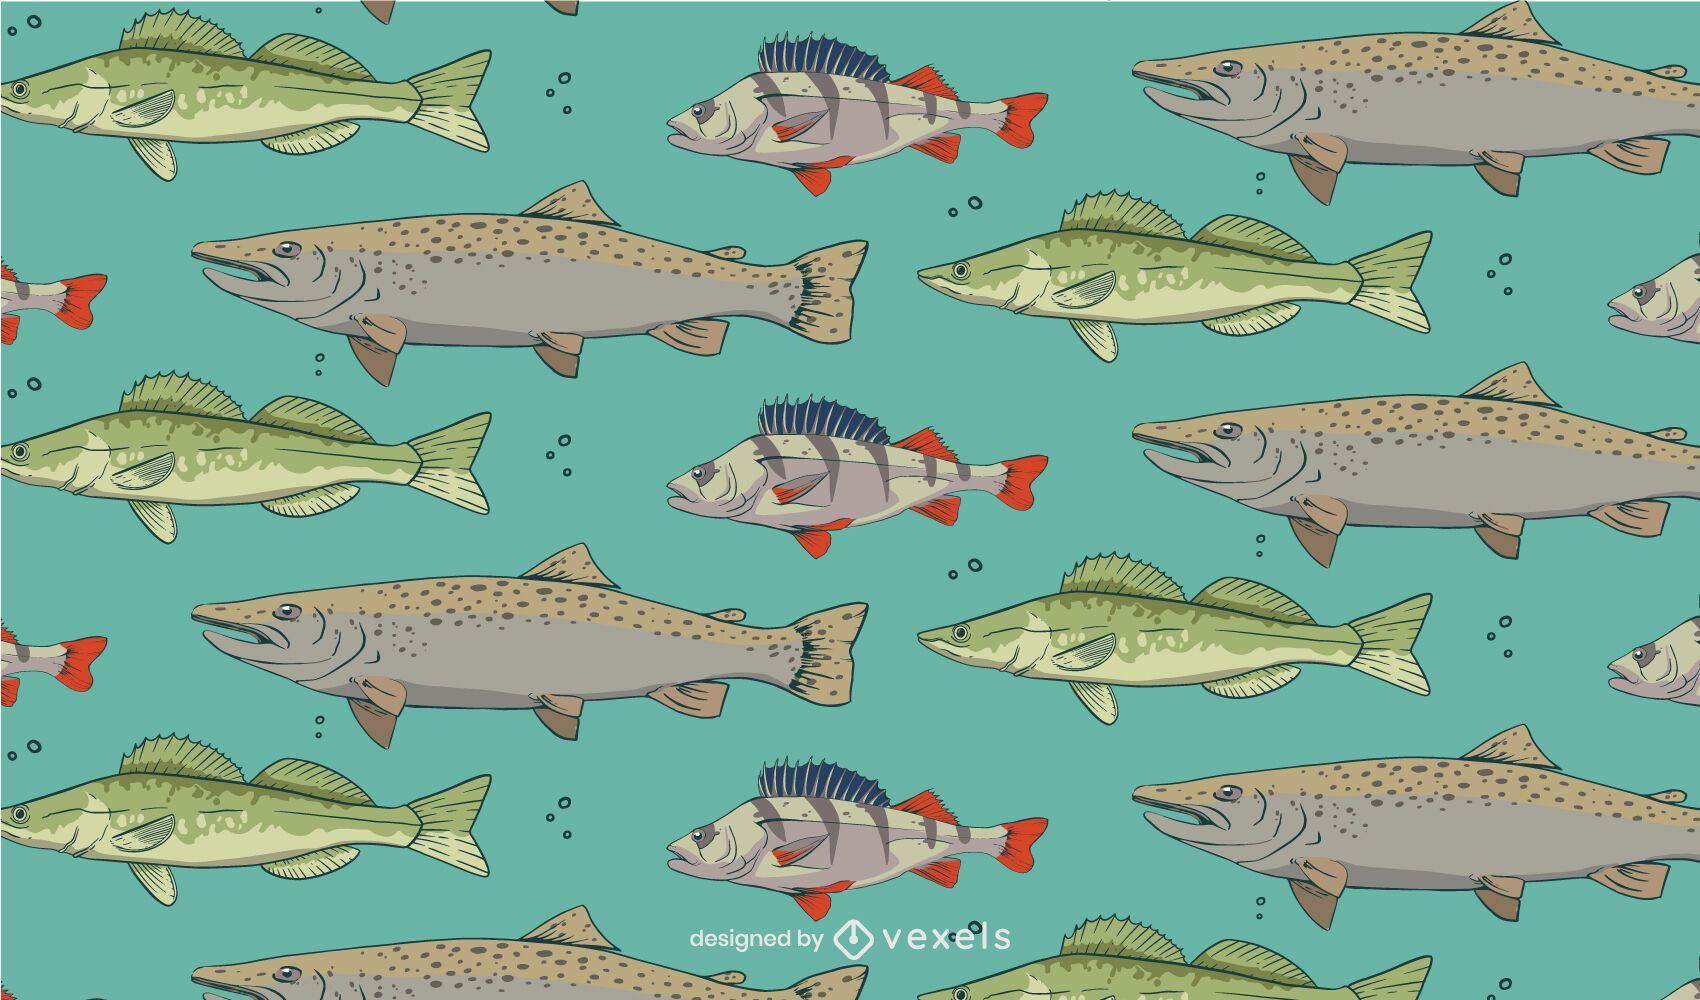 Diseño de patrón de especies de peces